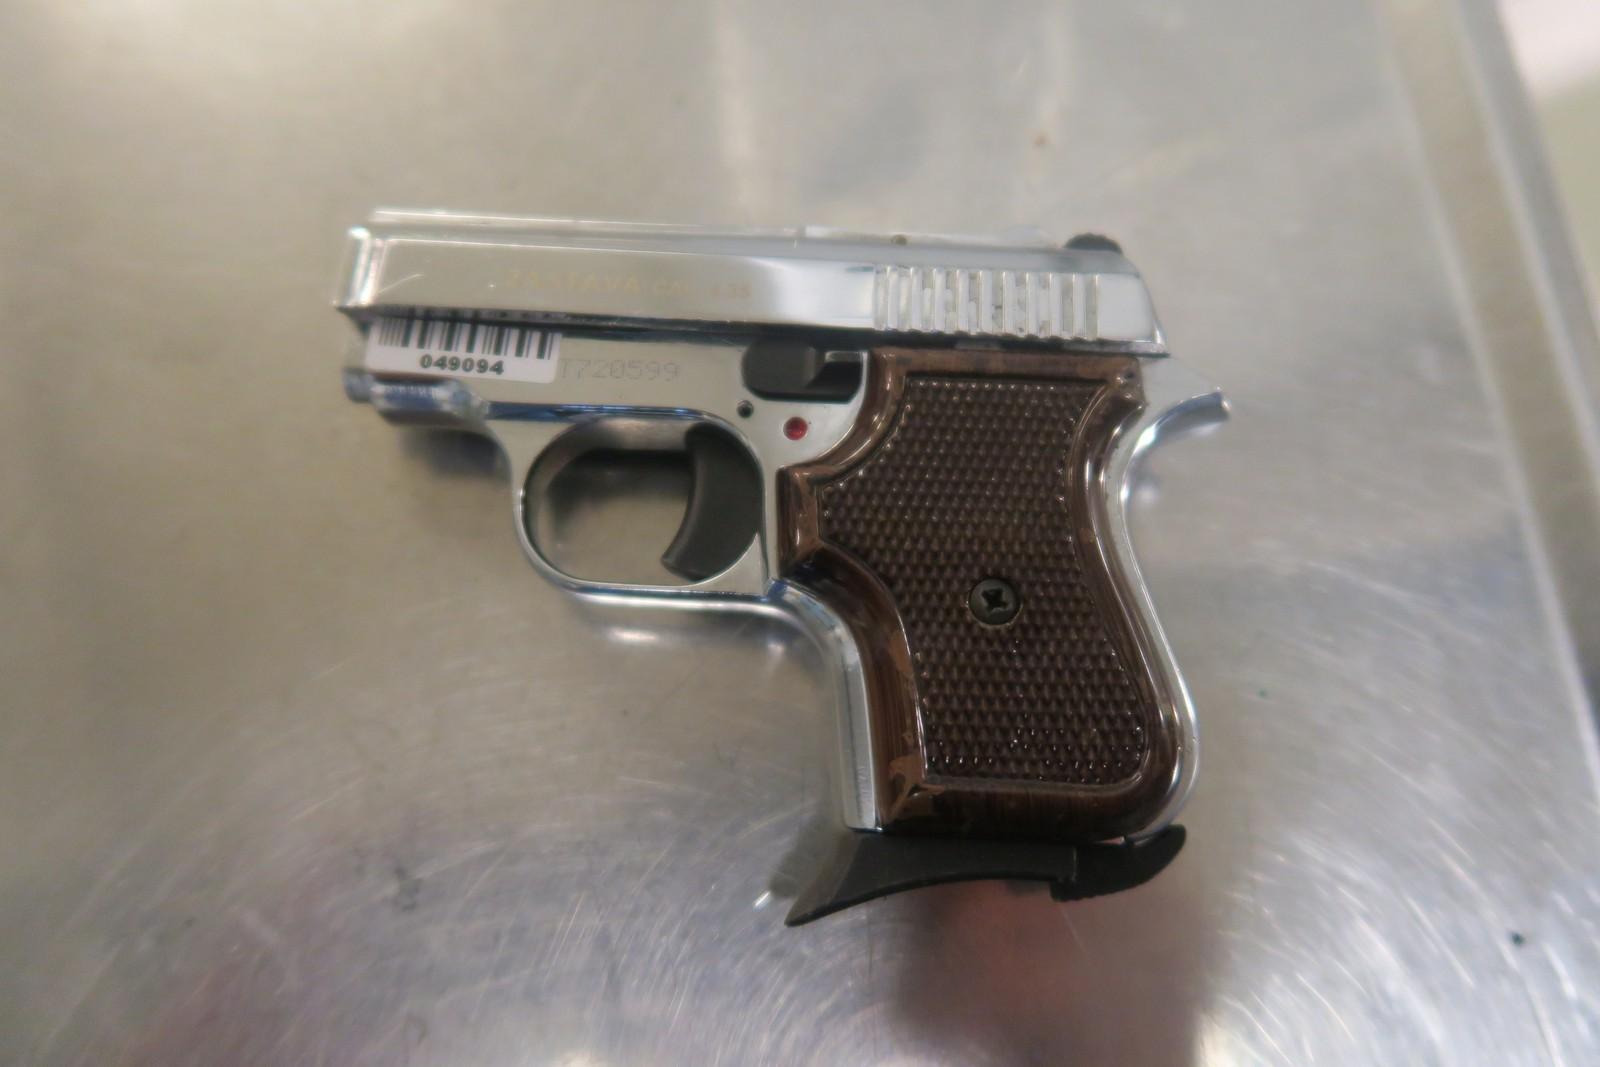 Ombygd: liten startpistol, borret opp og modifisert.